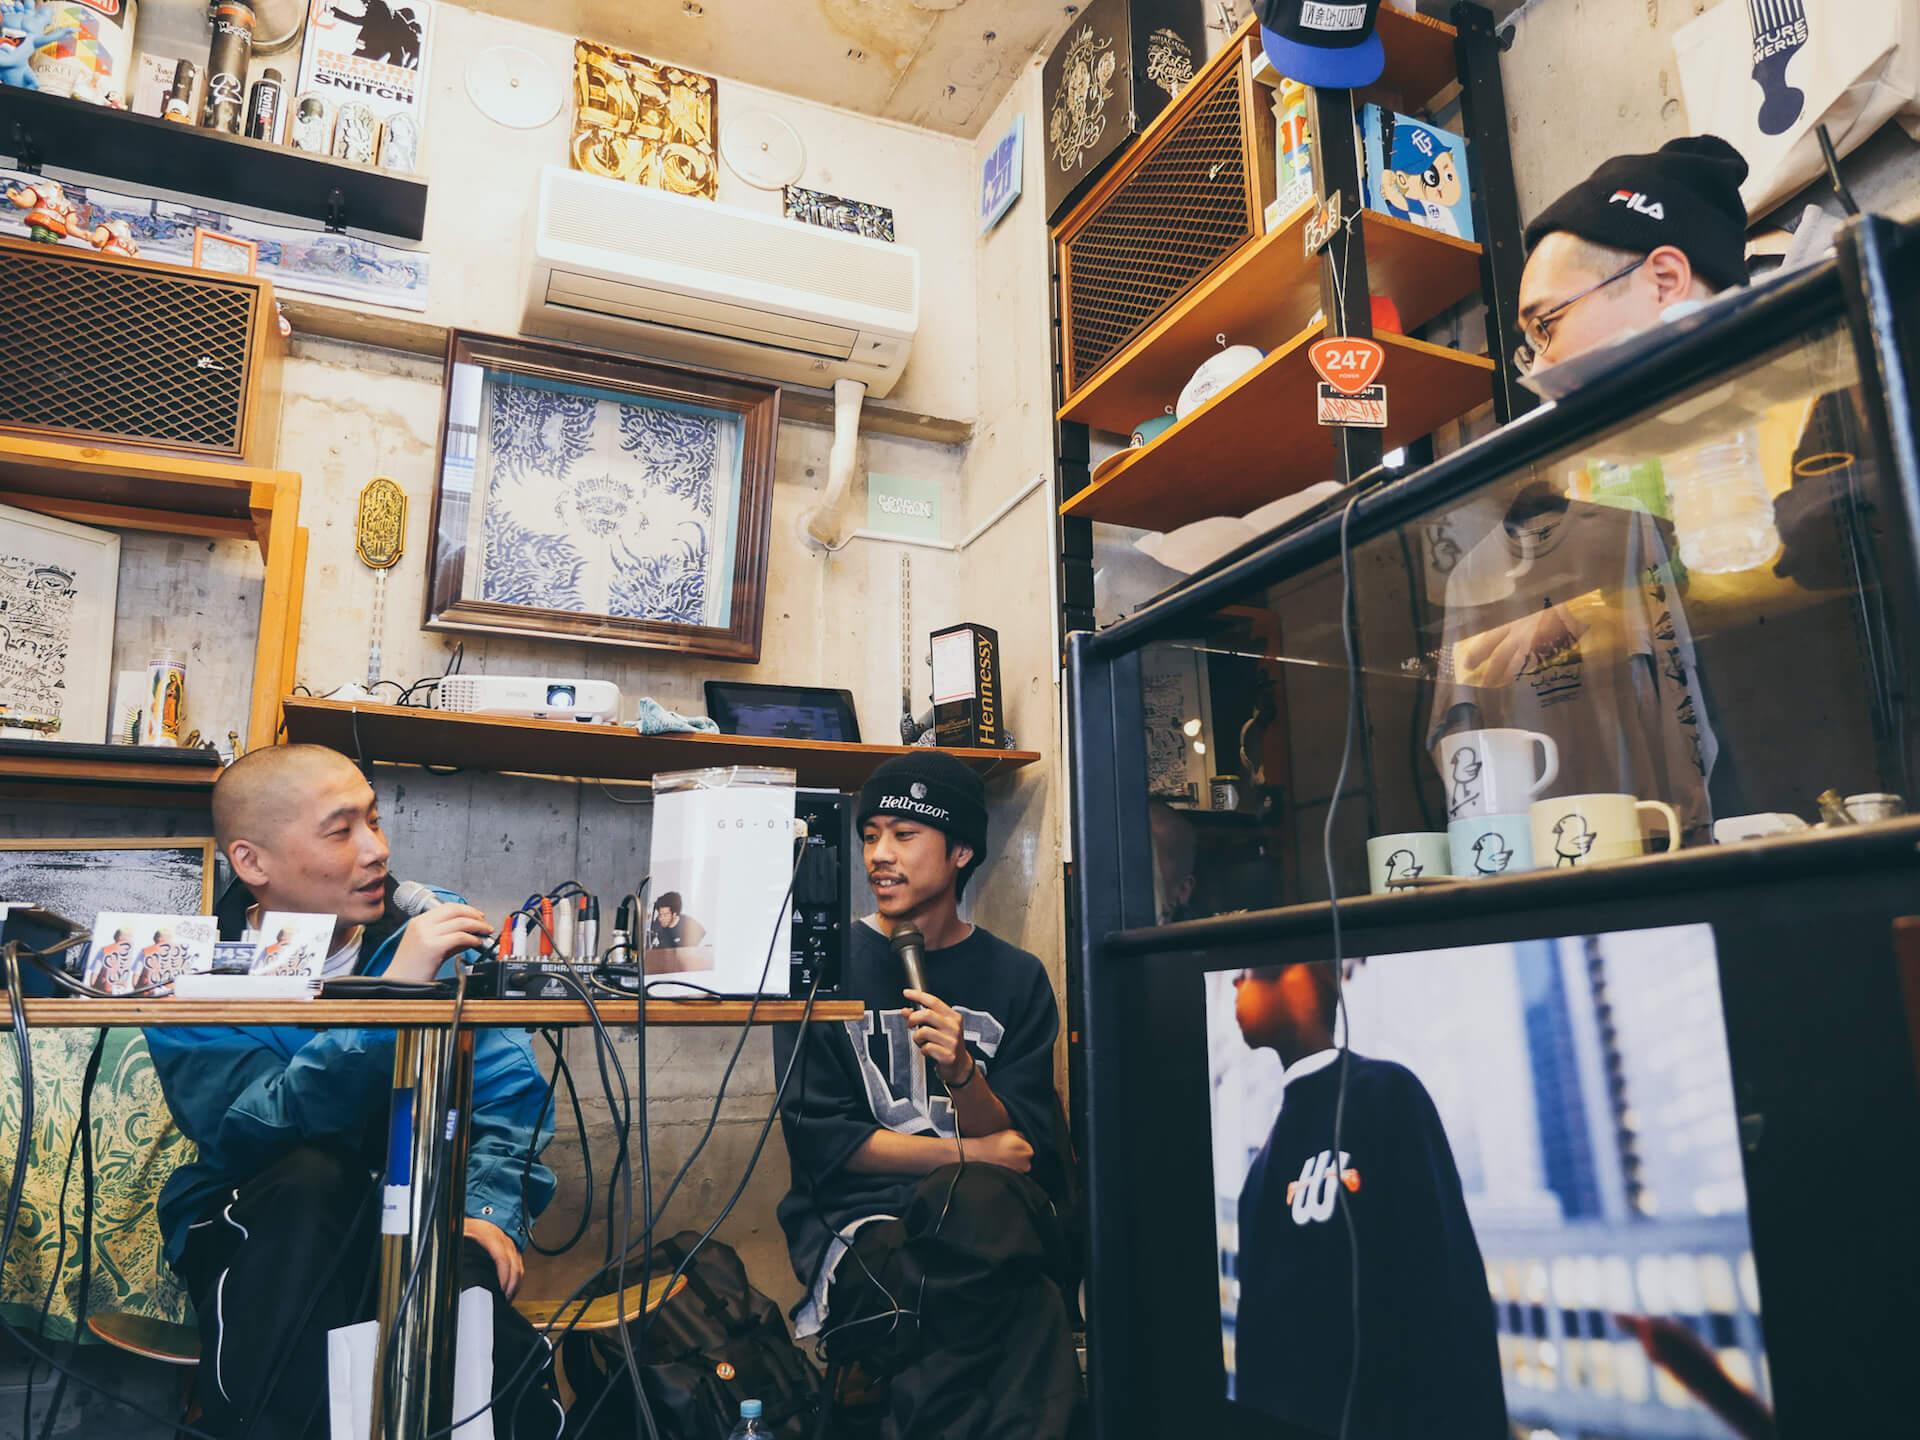 ビートは世界と出会う――BEAT MEETS WORLD x WANDERMAN POP UP in RAH YOKOHAMA REPORT interview-beat-meets-world-pop-up-report-8